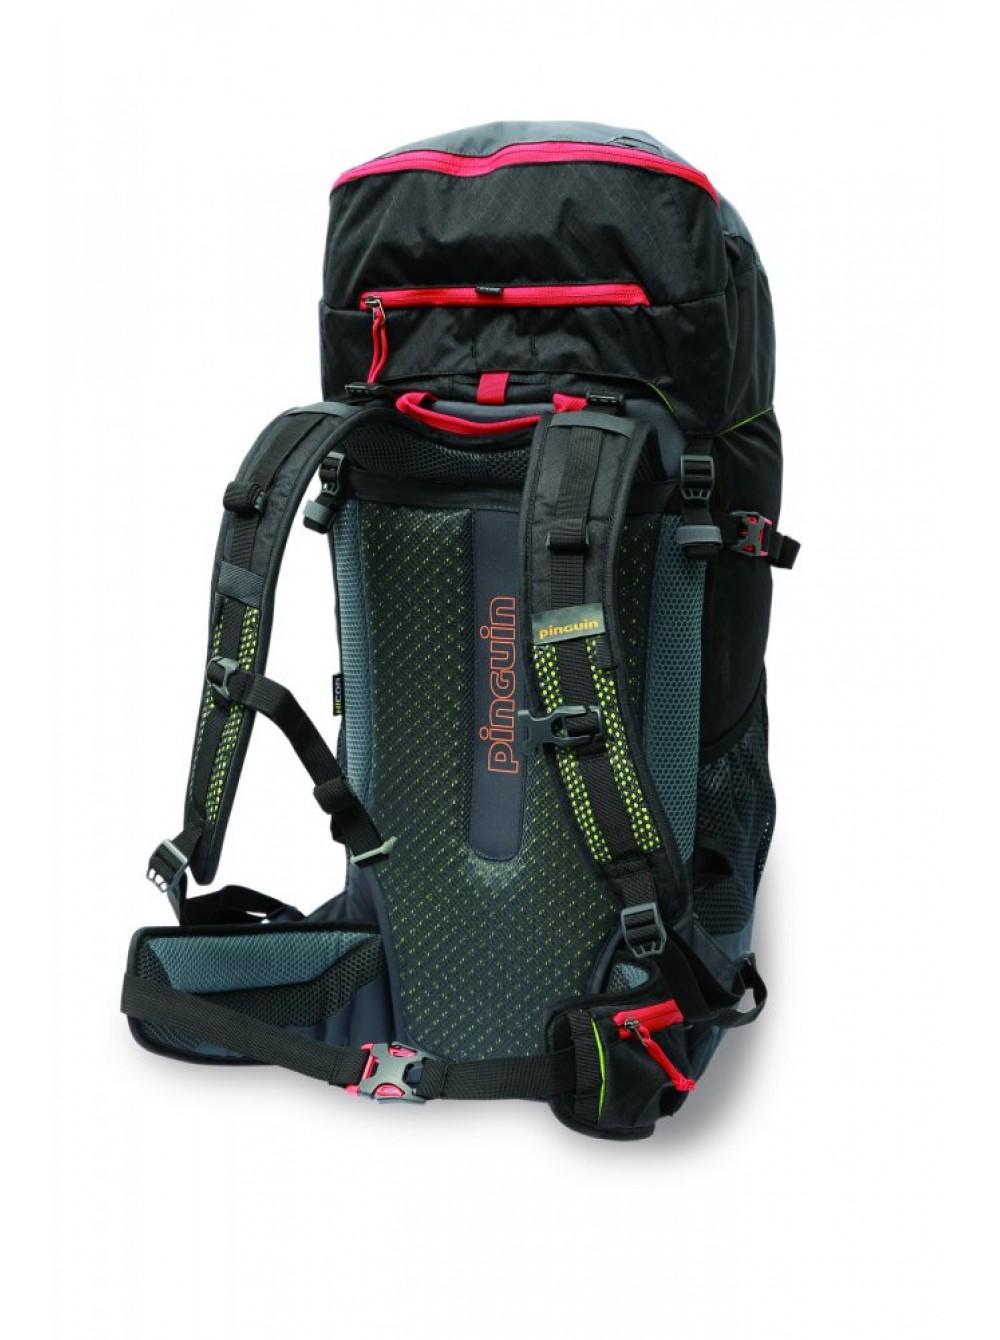 Рюкзак pinguin walker 50 обмундирование нато рюкзак